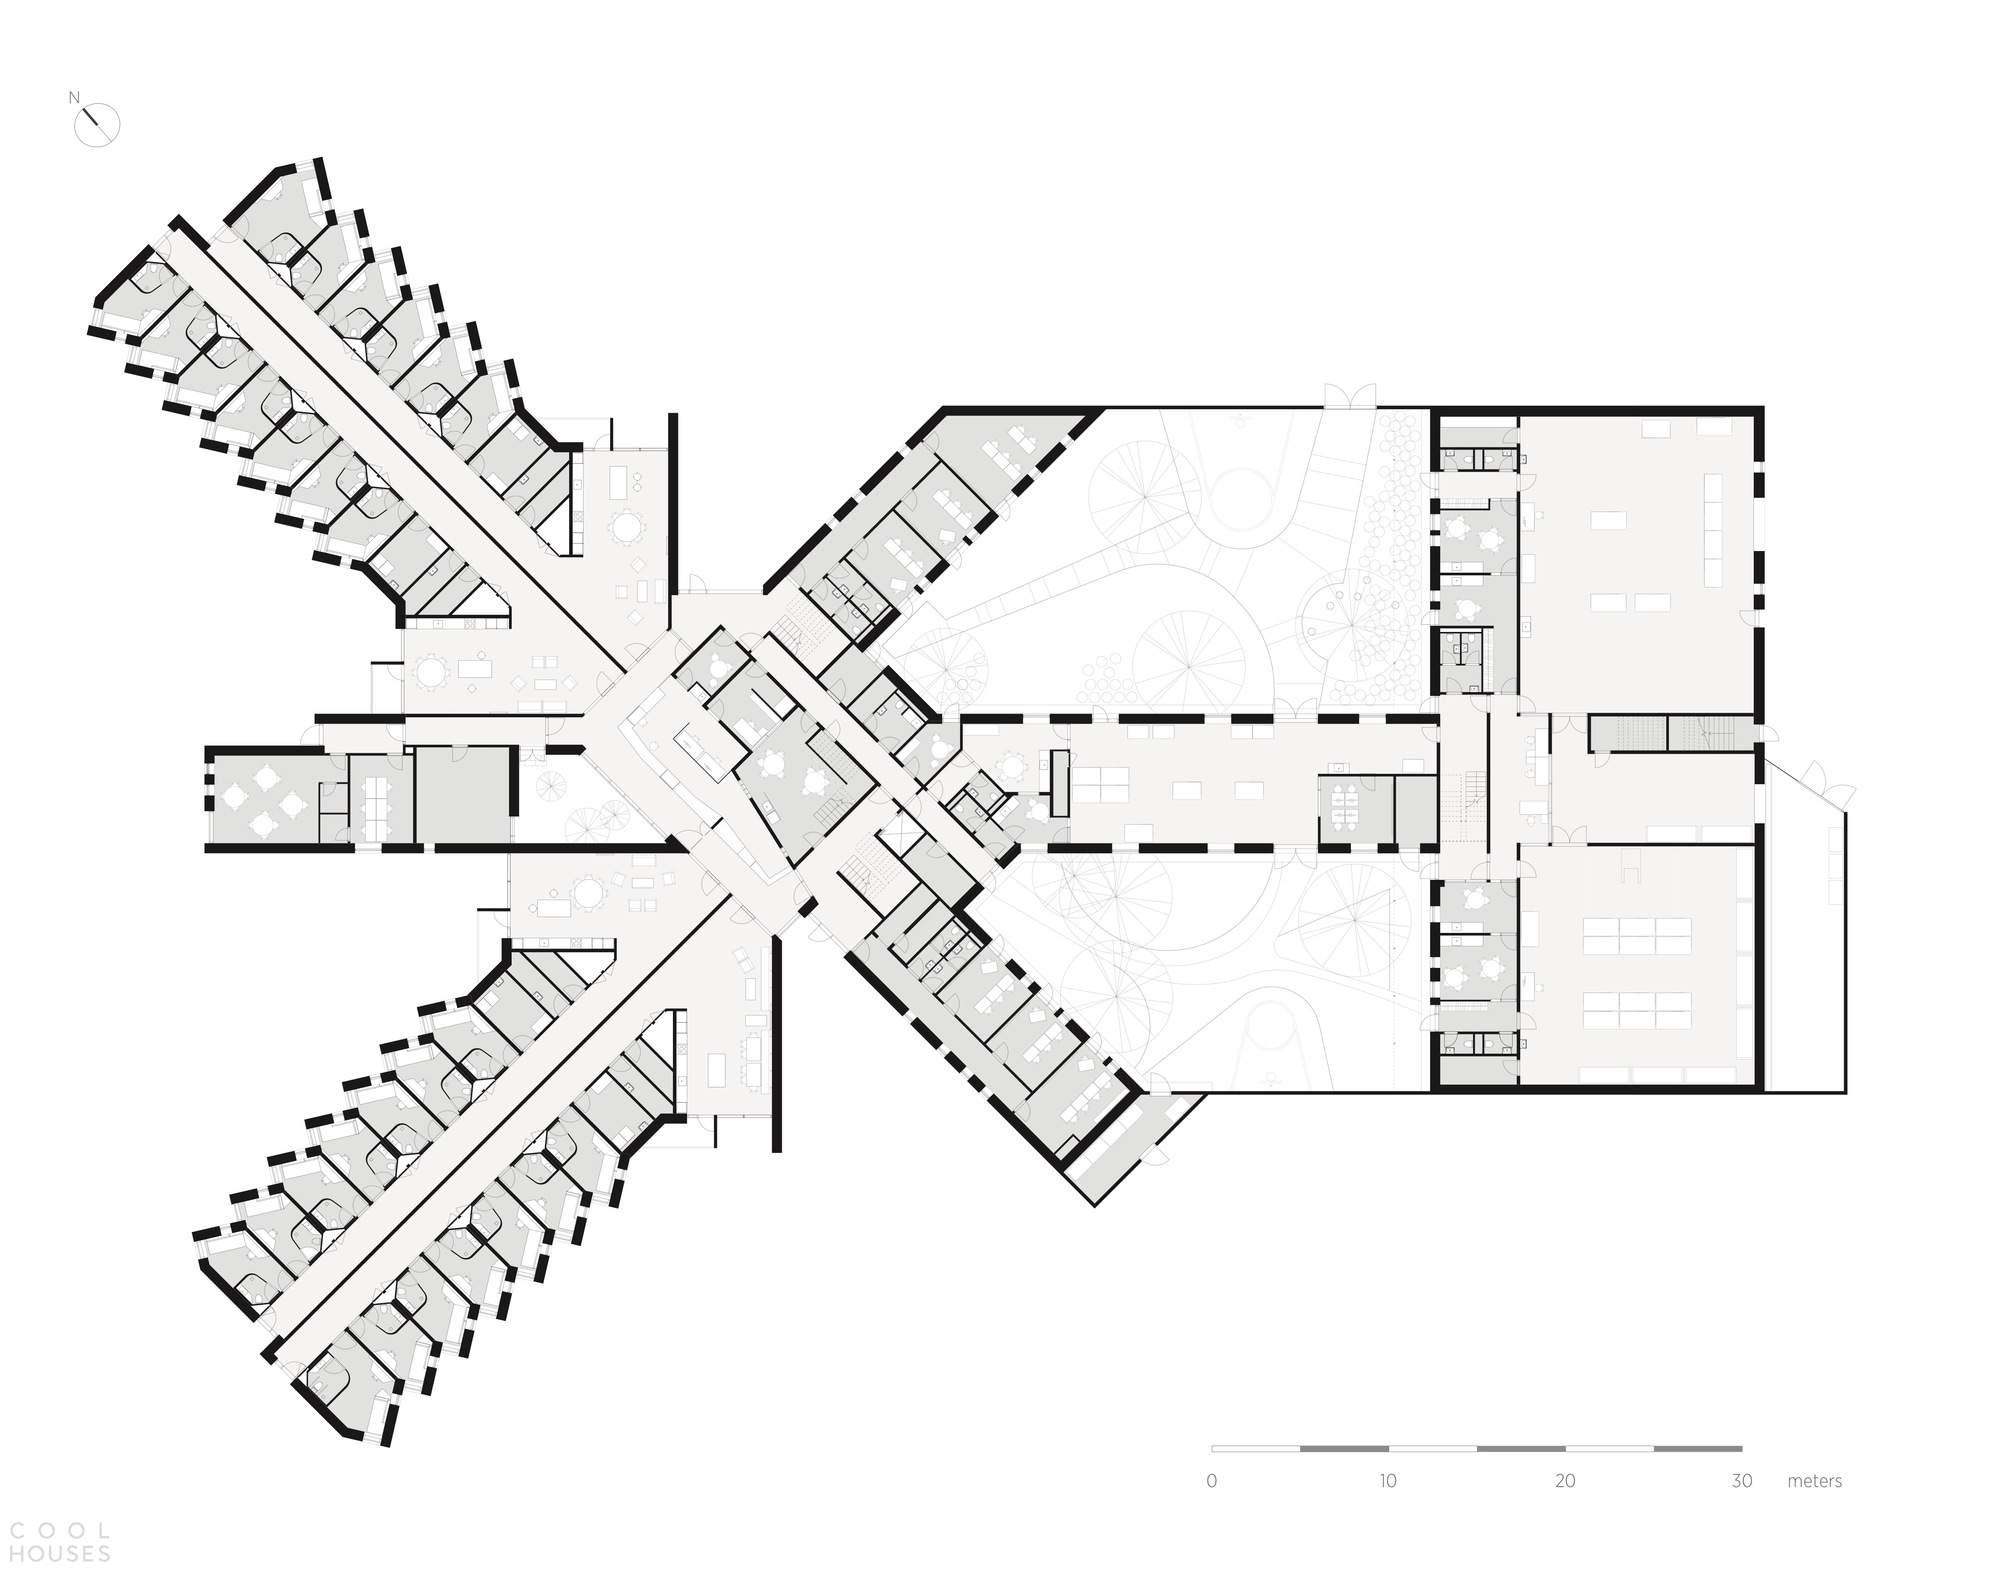 Суперсовременный тюремный комплекс Сторстрём в Дании